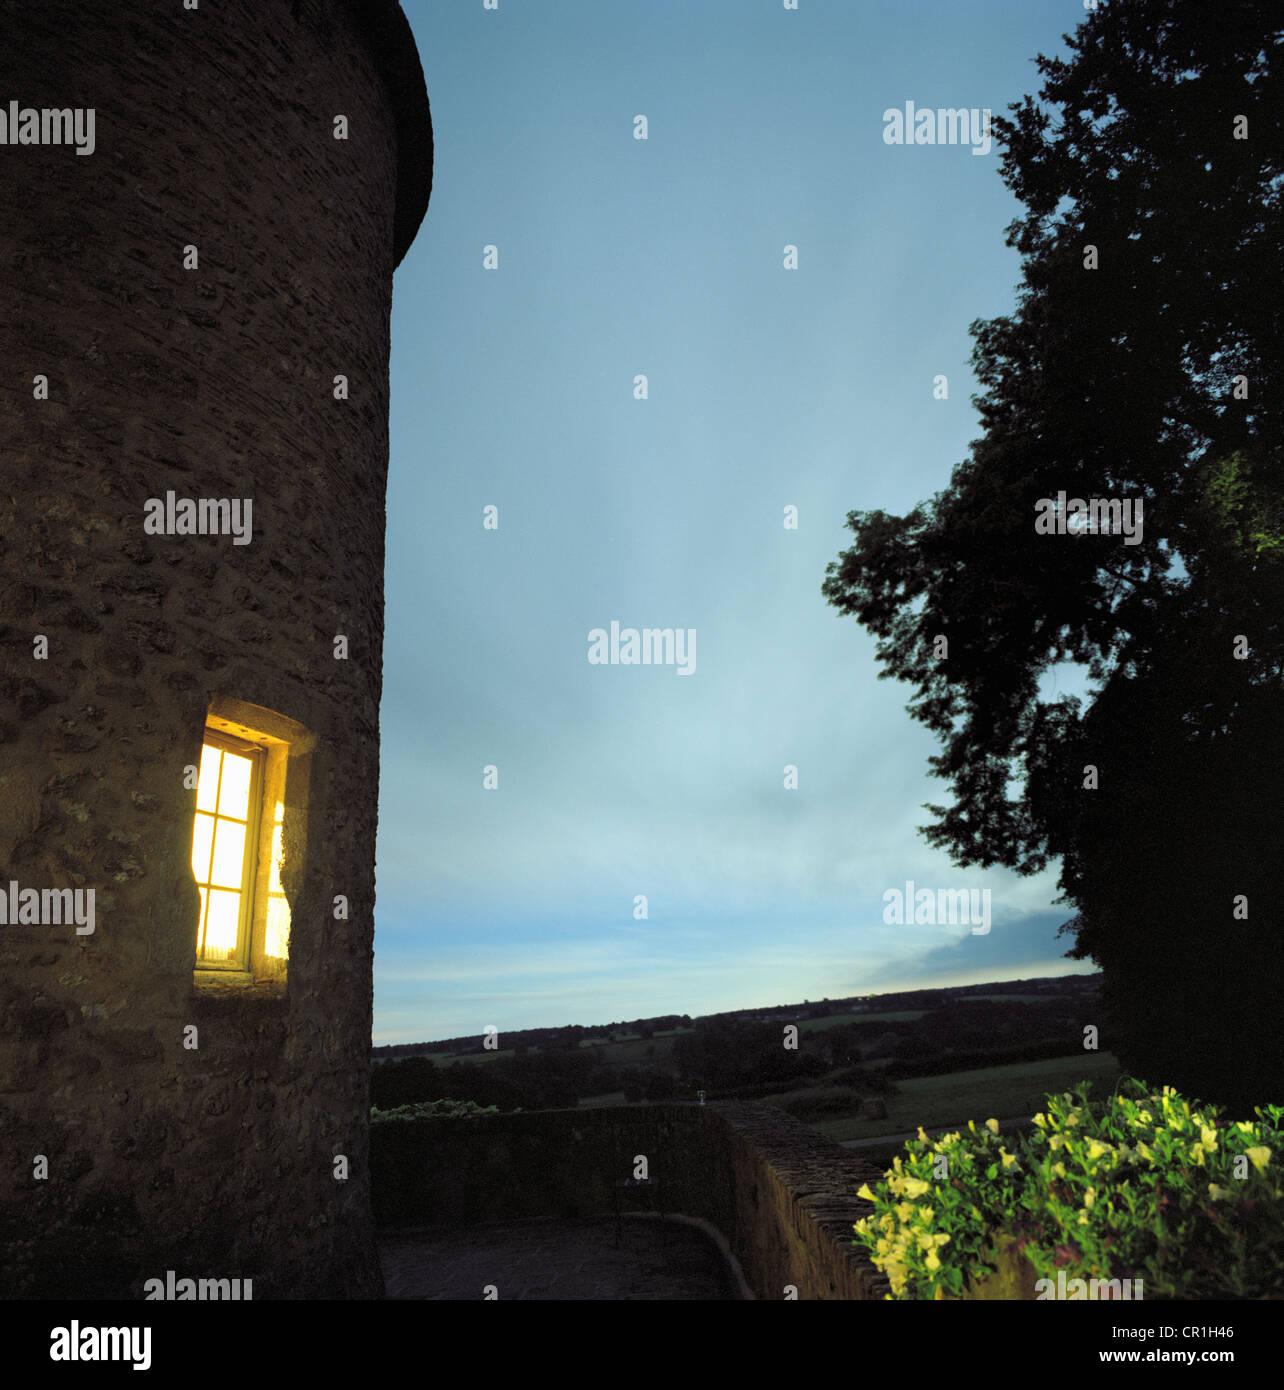 Beleuchtete Fenster von Haus aus Stein Stockbild